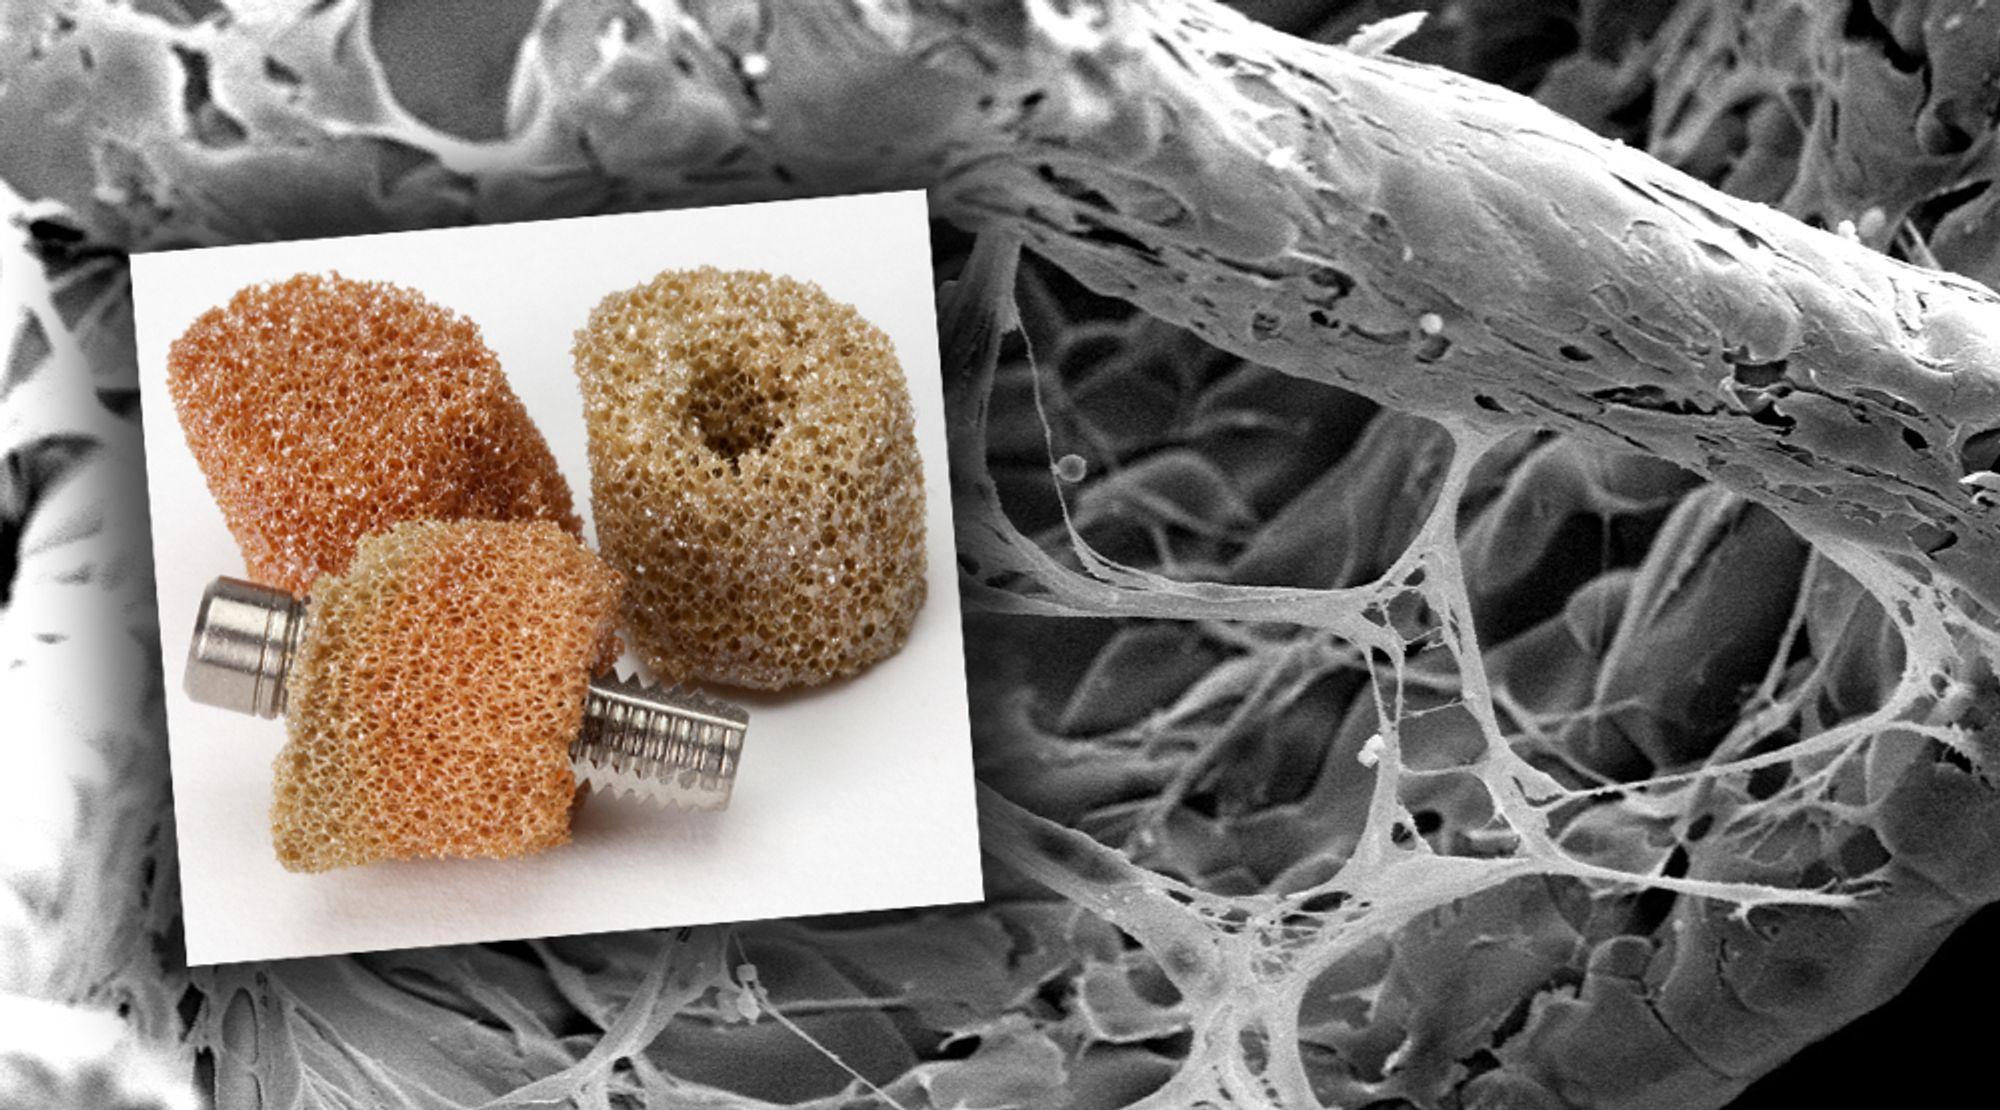 Vokser inn: I et elektronmikroskop kan man se at beinceller vokser rundt de større titanoksidstrukturene og inne mellom dem. Beinvev som vokser i porøs titanoksid blir mye sterkere (innfelt bilde)